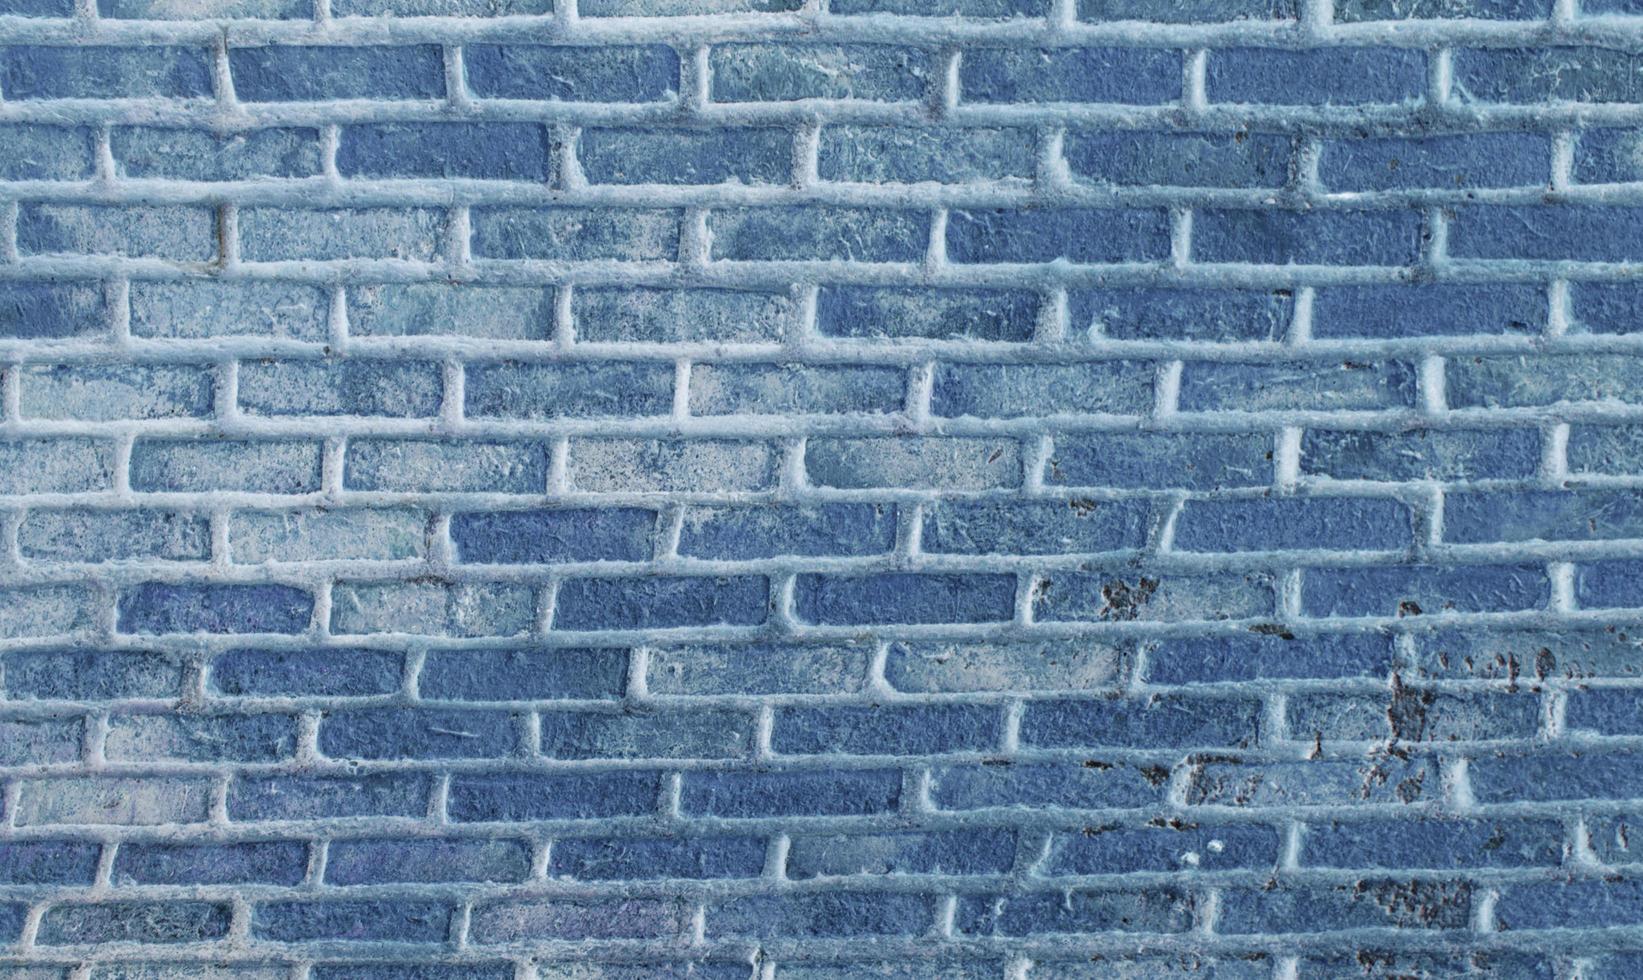 oude betonnen muur foto